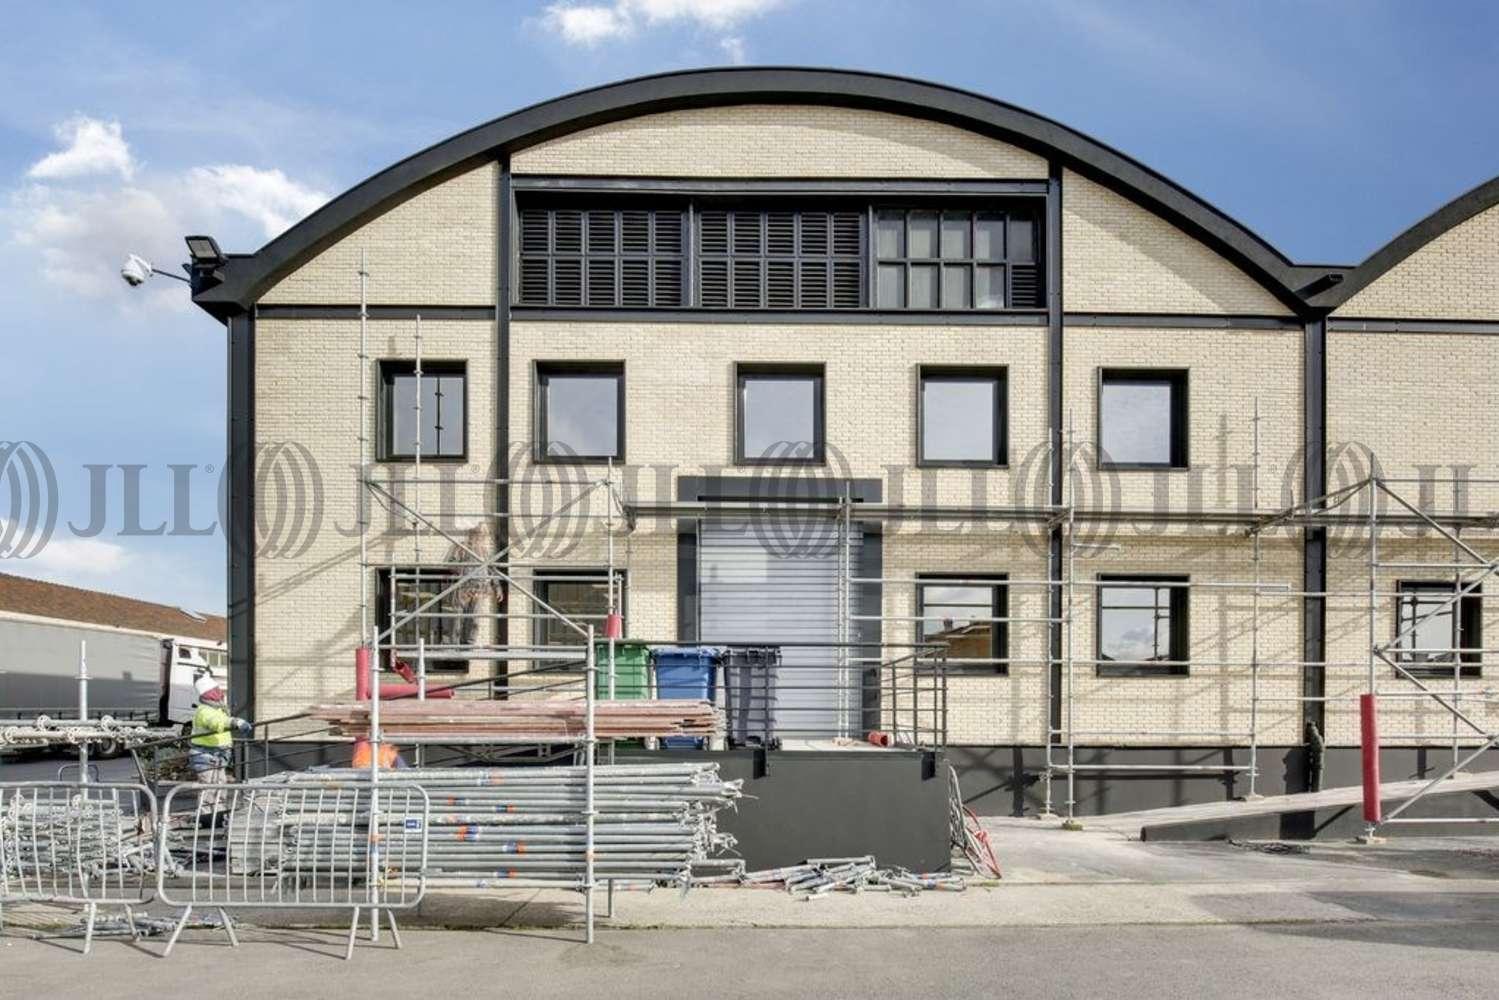 Activités/entrepôt Aubervilliers, 93300 - PARC DES PORTES DE PARIS - BAT. 211 - 10917819